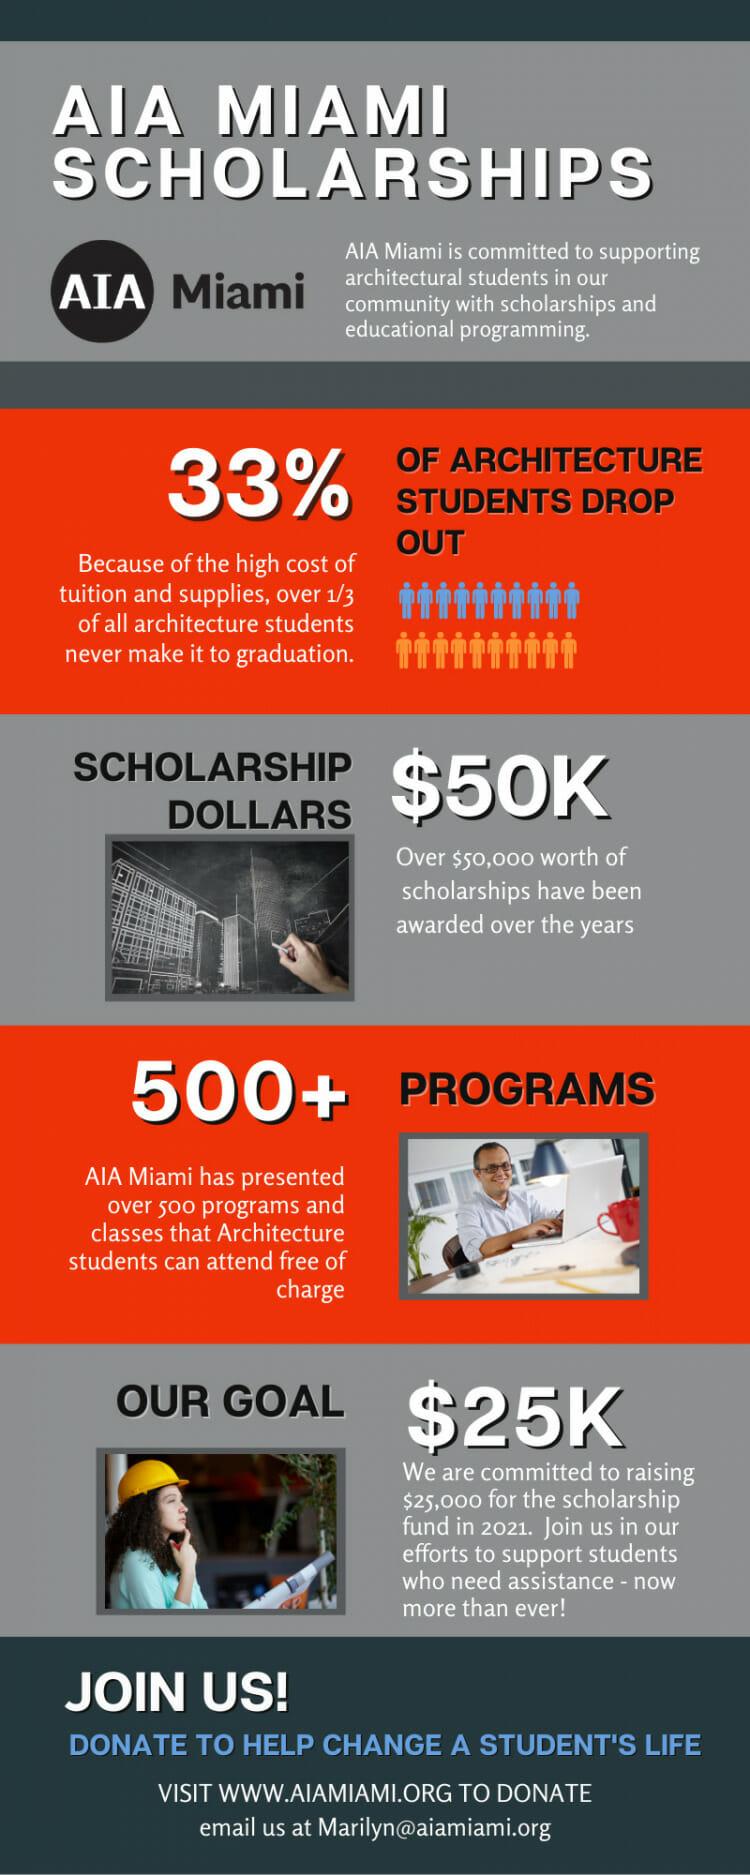 aia-miami-scholarships